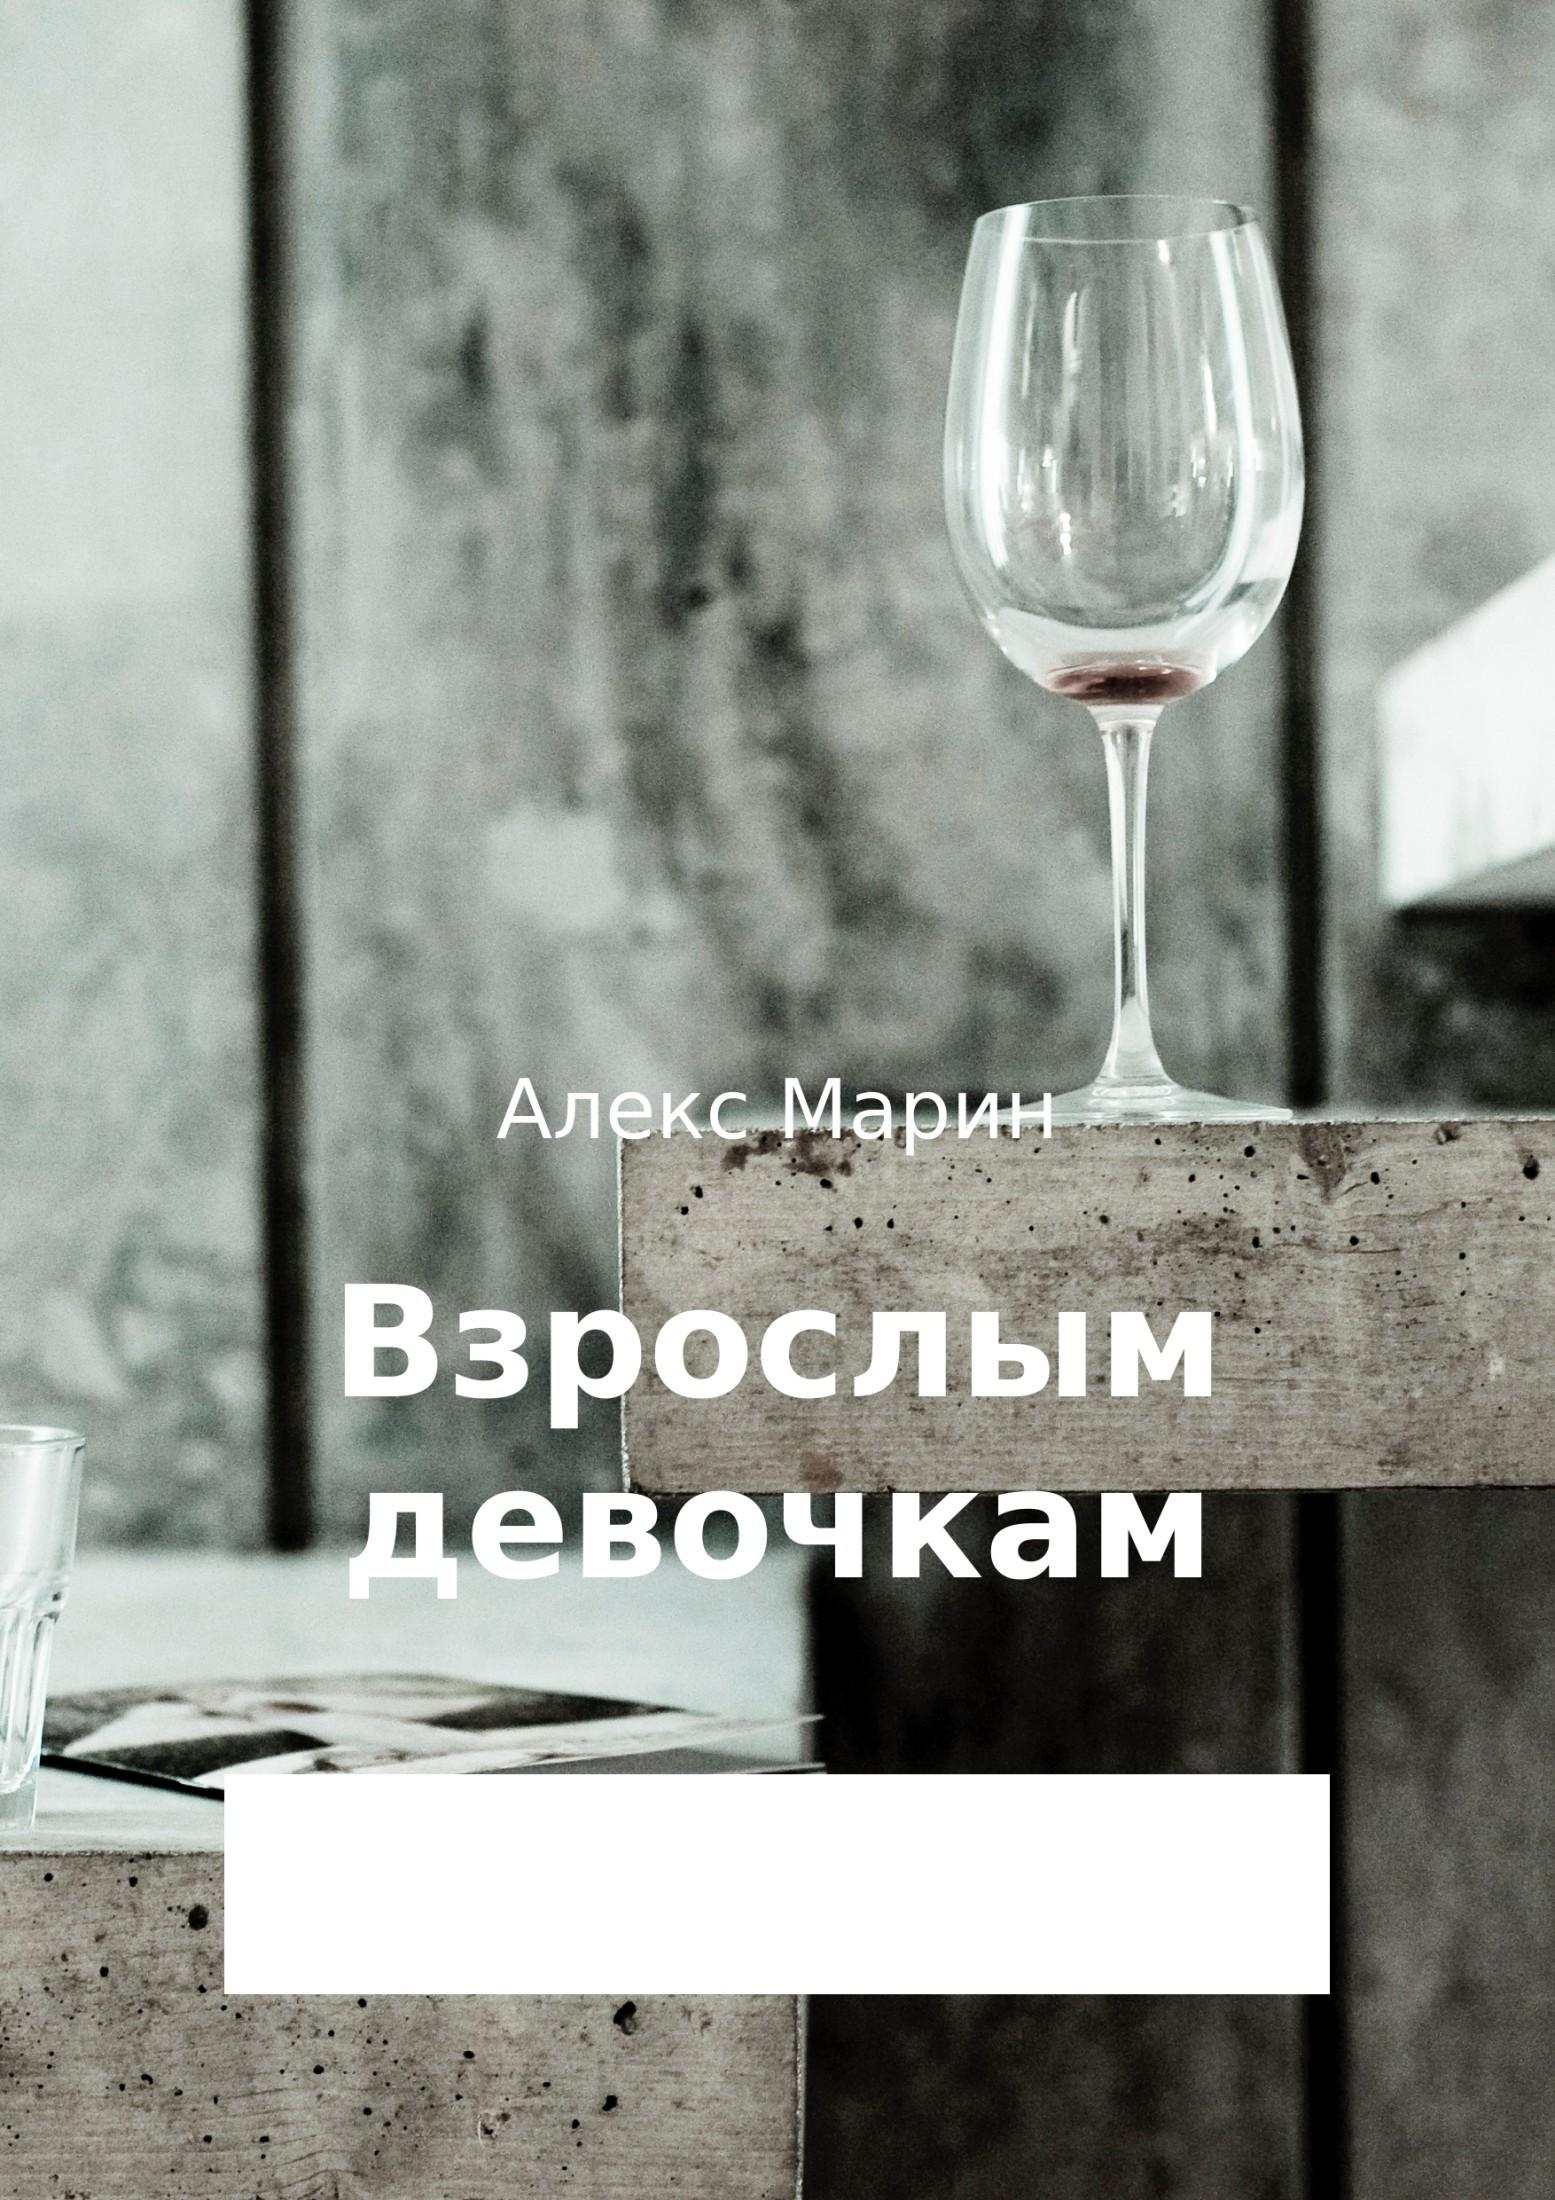 Алекс Марин Взрослым девочкам. Сборник стихотворений цена 2017